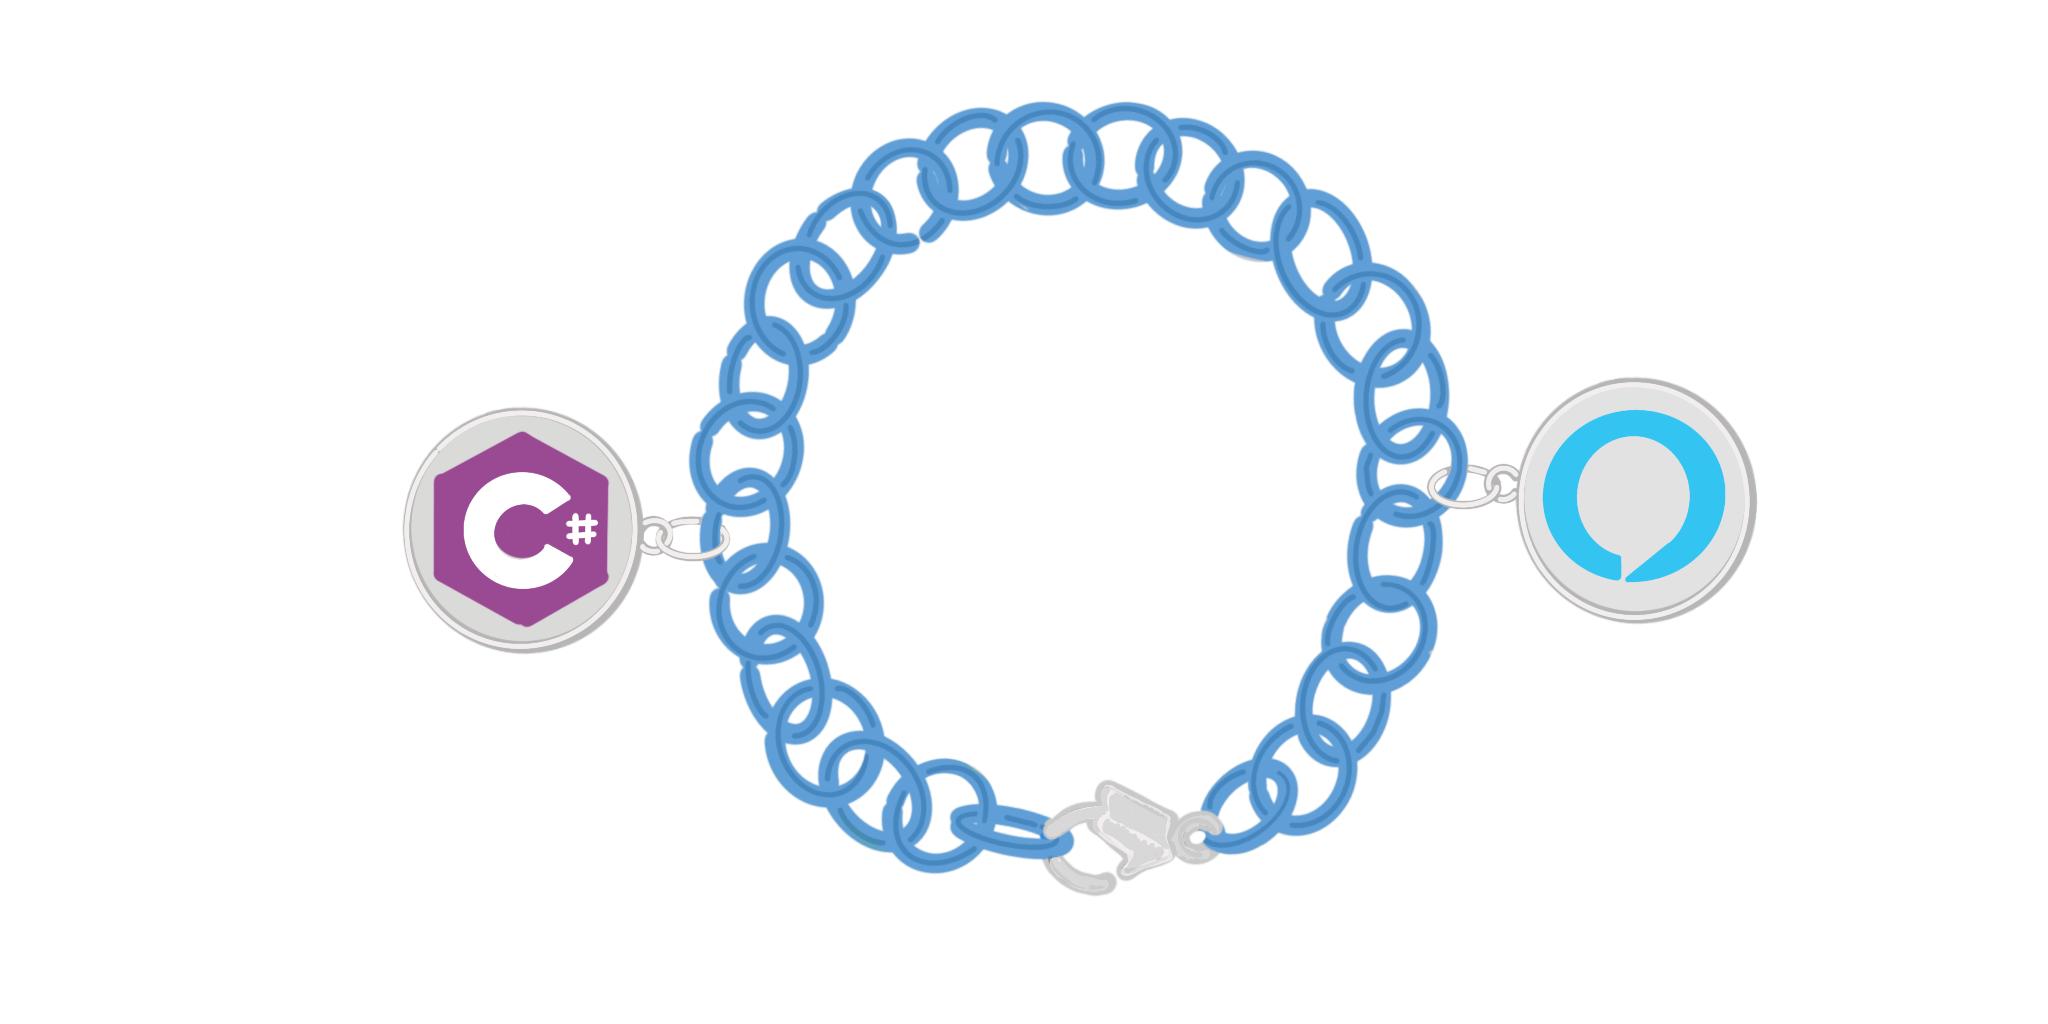 Alexa + C# + Okta Bracelet